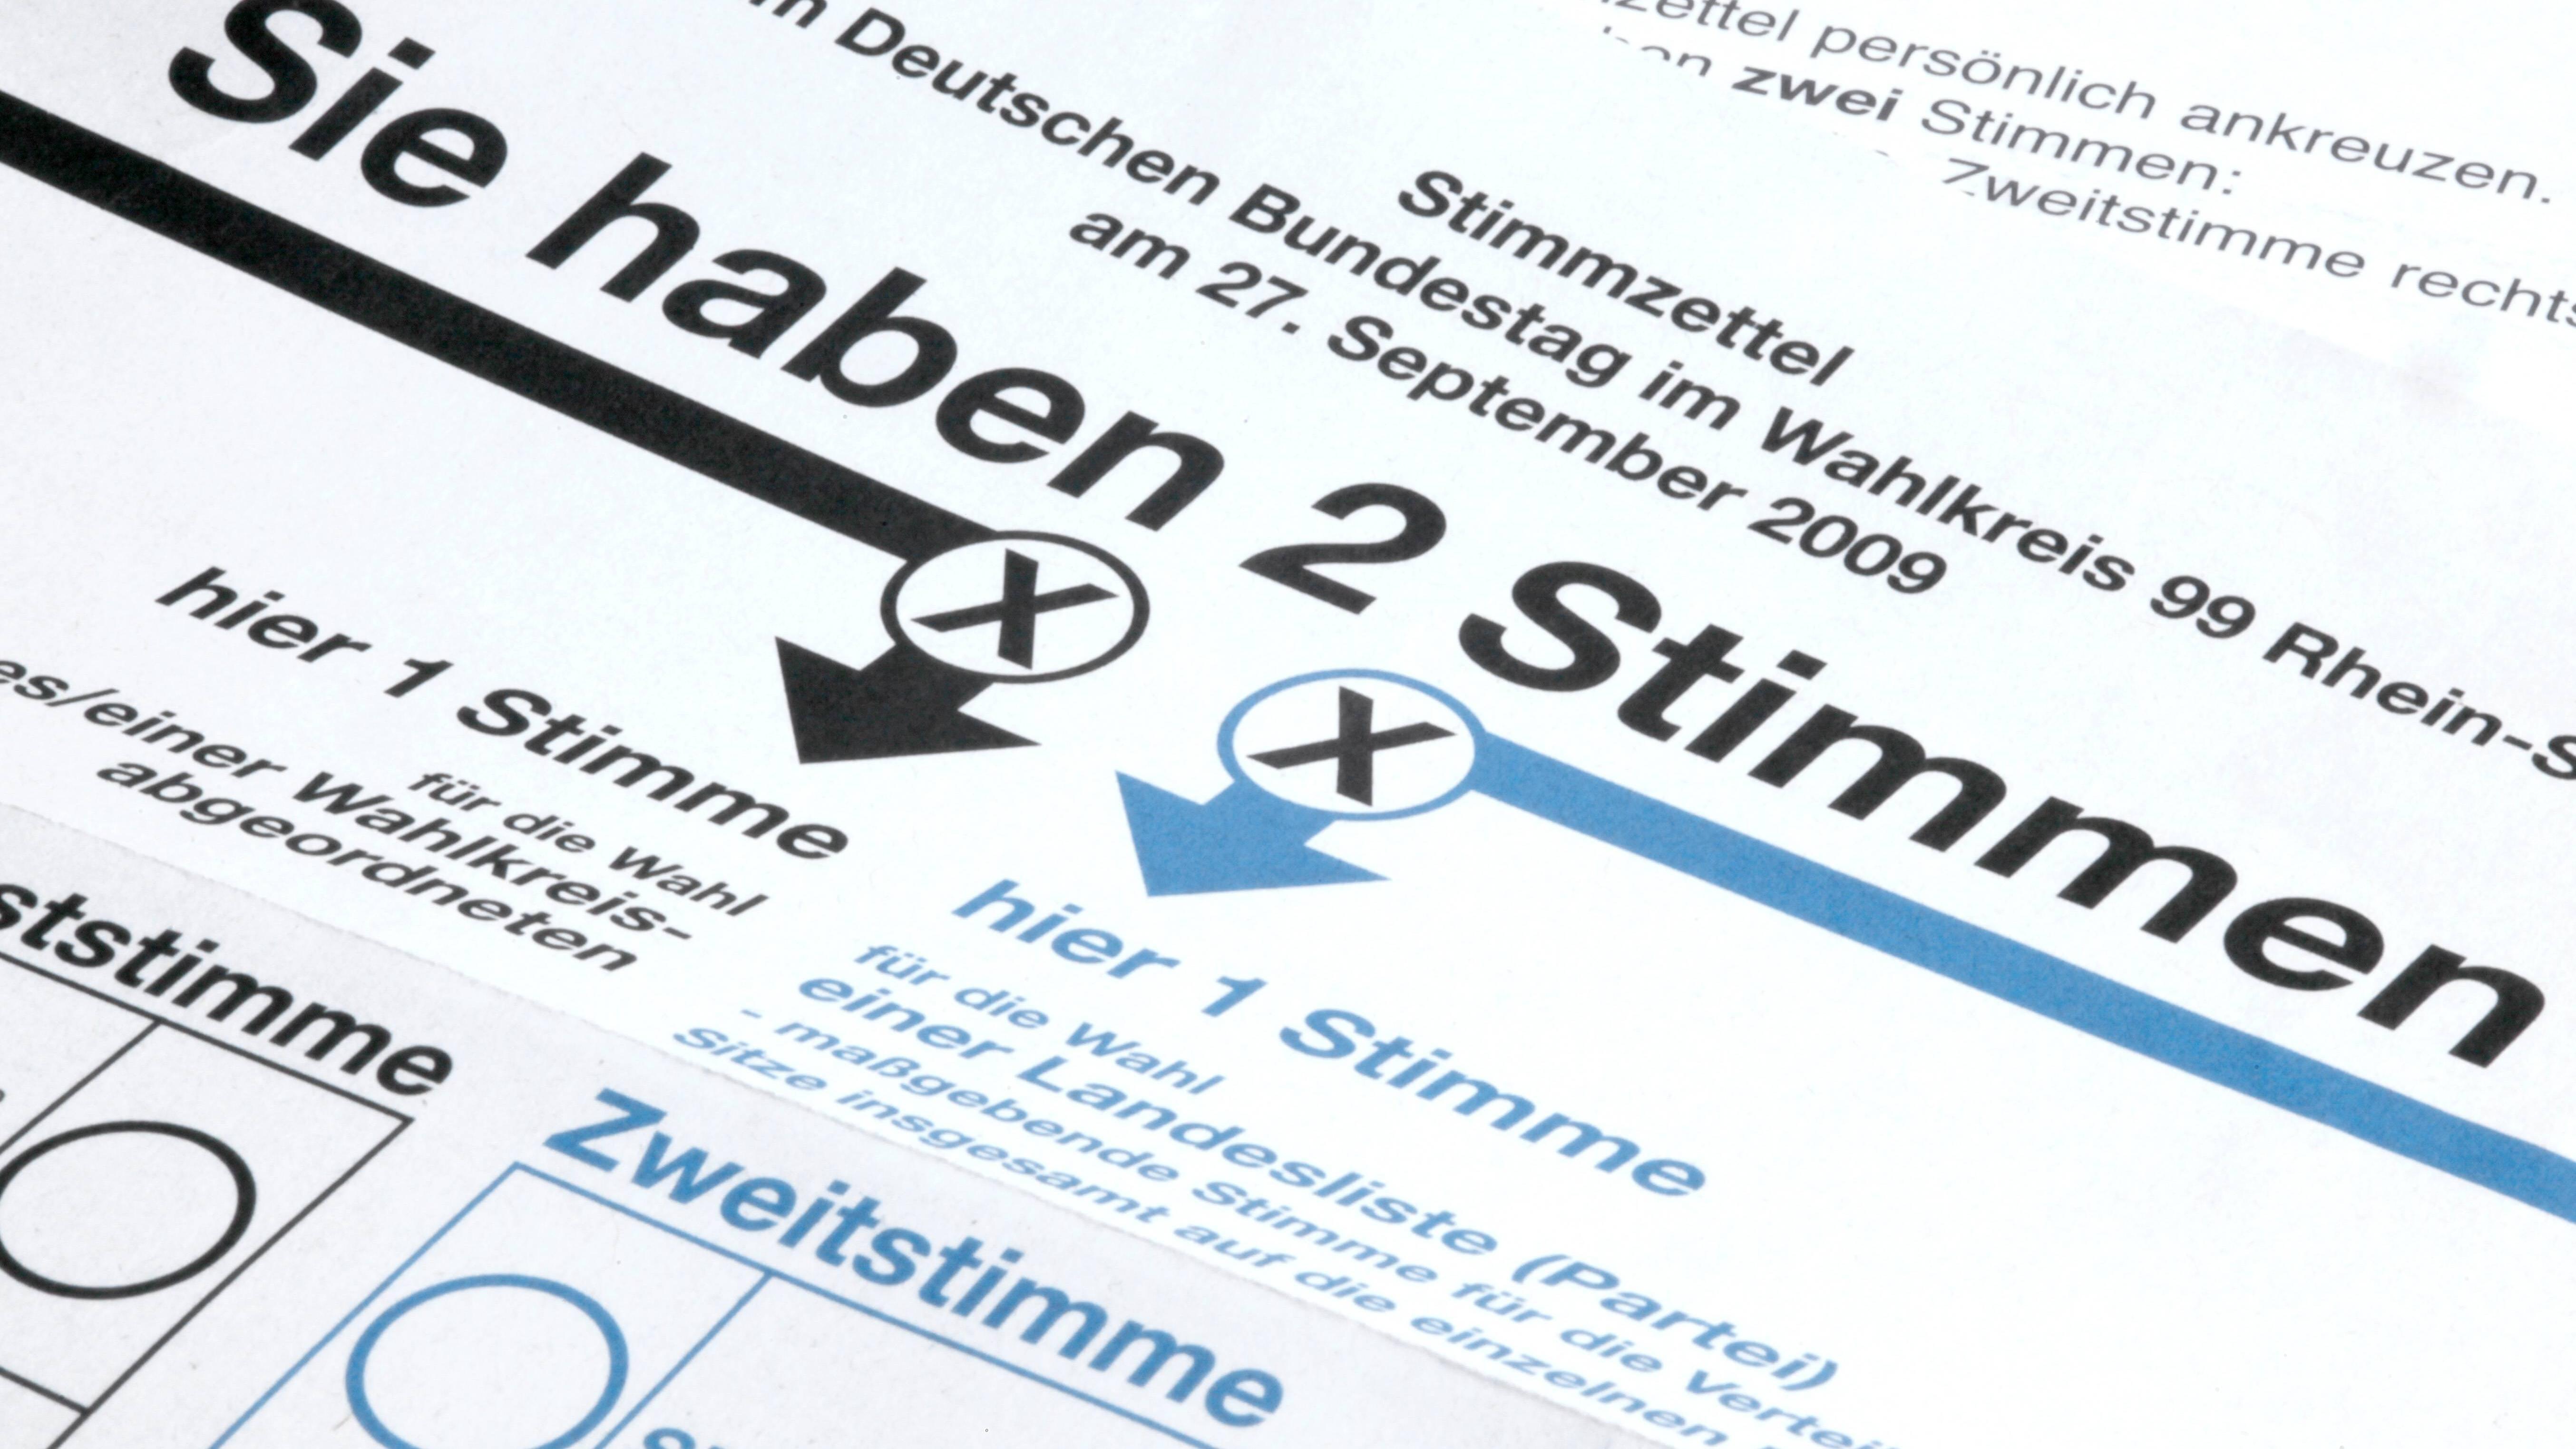 Ablauf der Bundestagswahl: Bis 18 Uhr sind die Wahllokale geöffnet. Hier gibt jeder wahlberechtigte Bürger zwei Stimmen ab.